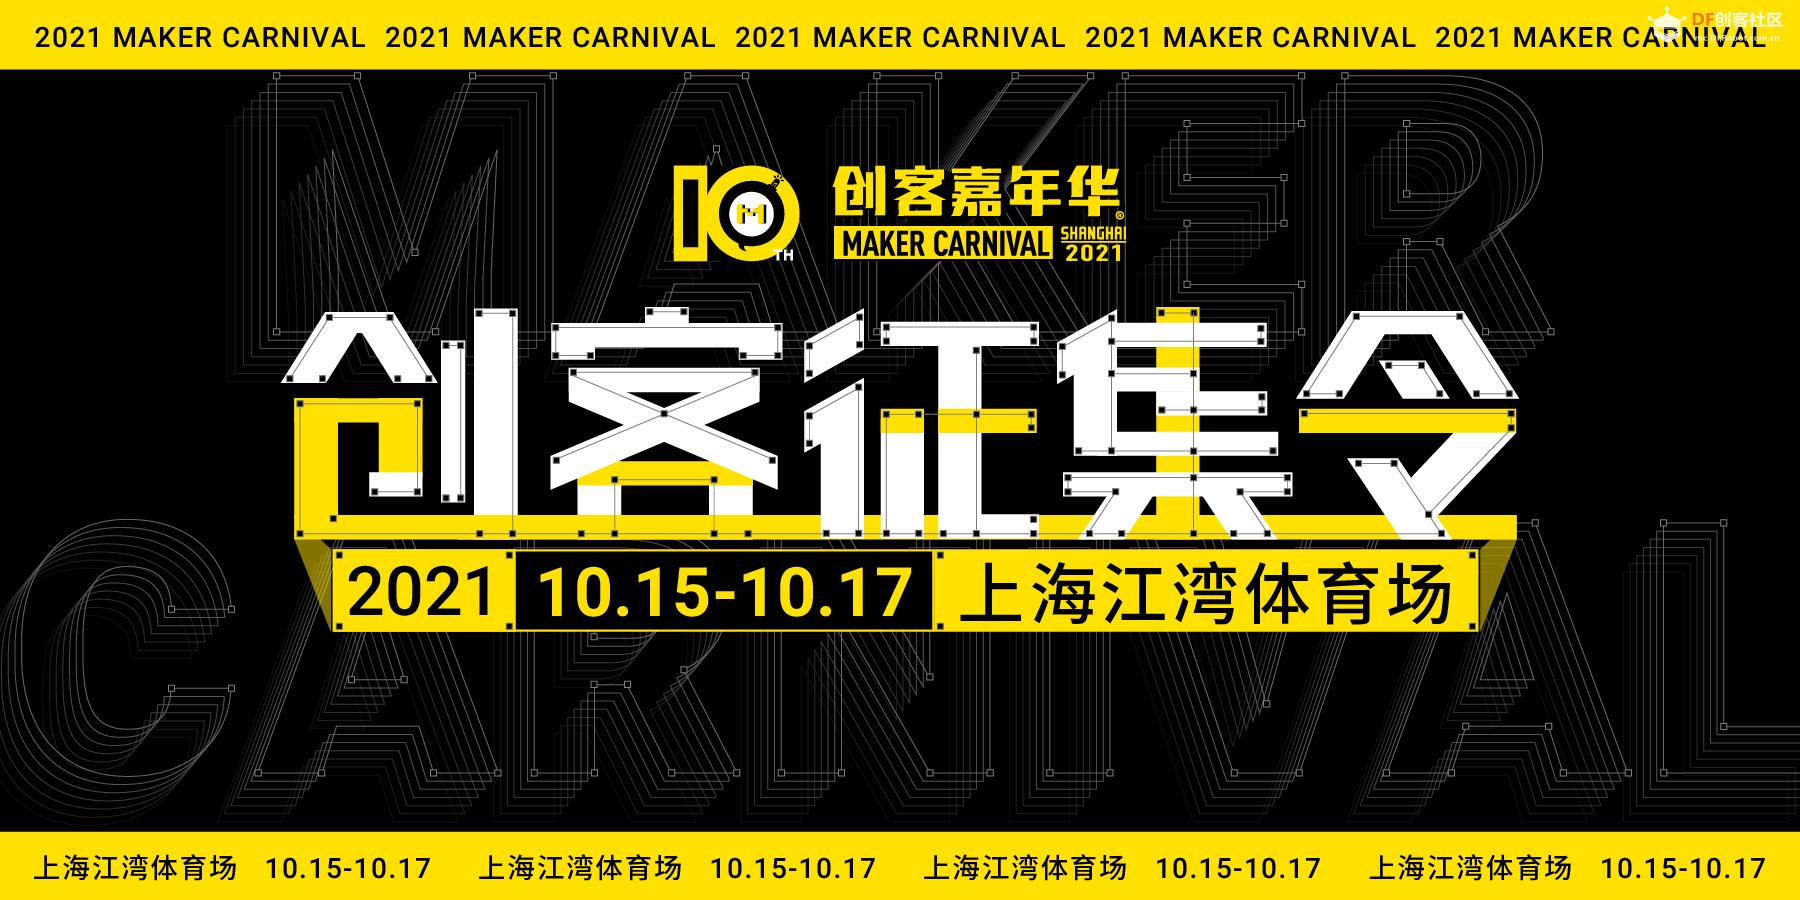 回归!2021年第十届上海创客嘉年华—国内最大的创客聚会